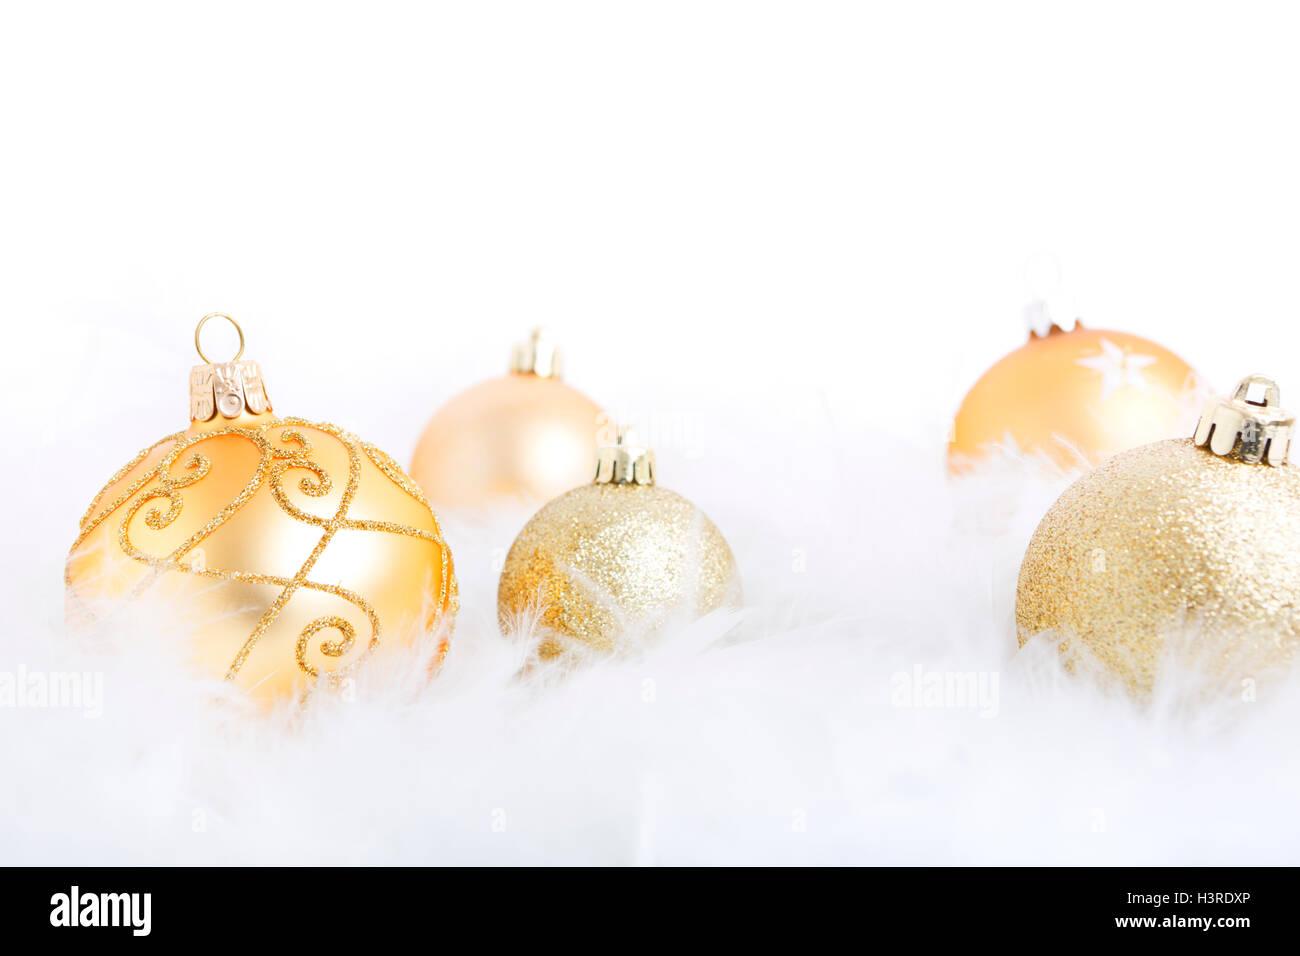 Goldene Weihnachtskugeln.Goldene Weihnachtskugeln Auf Eine Weiche Federleichte Oberfläche Mit